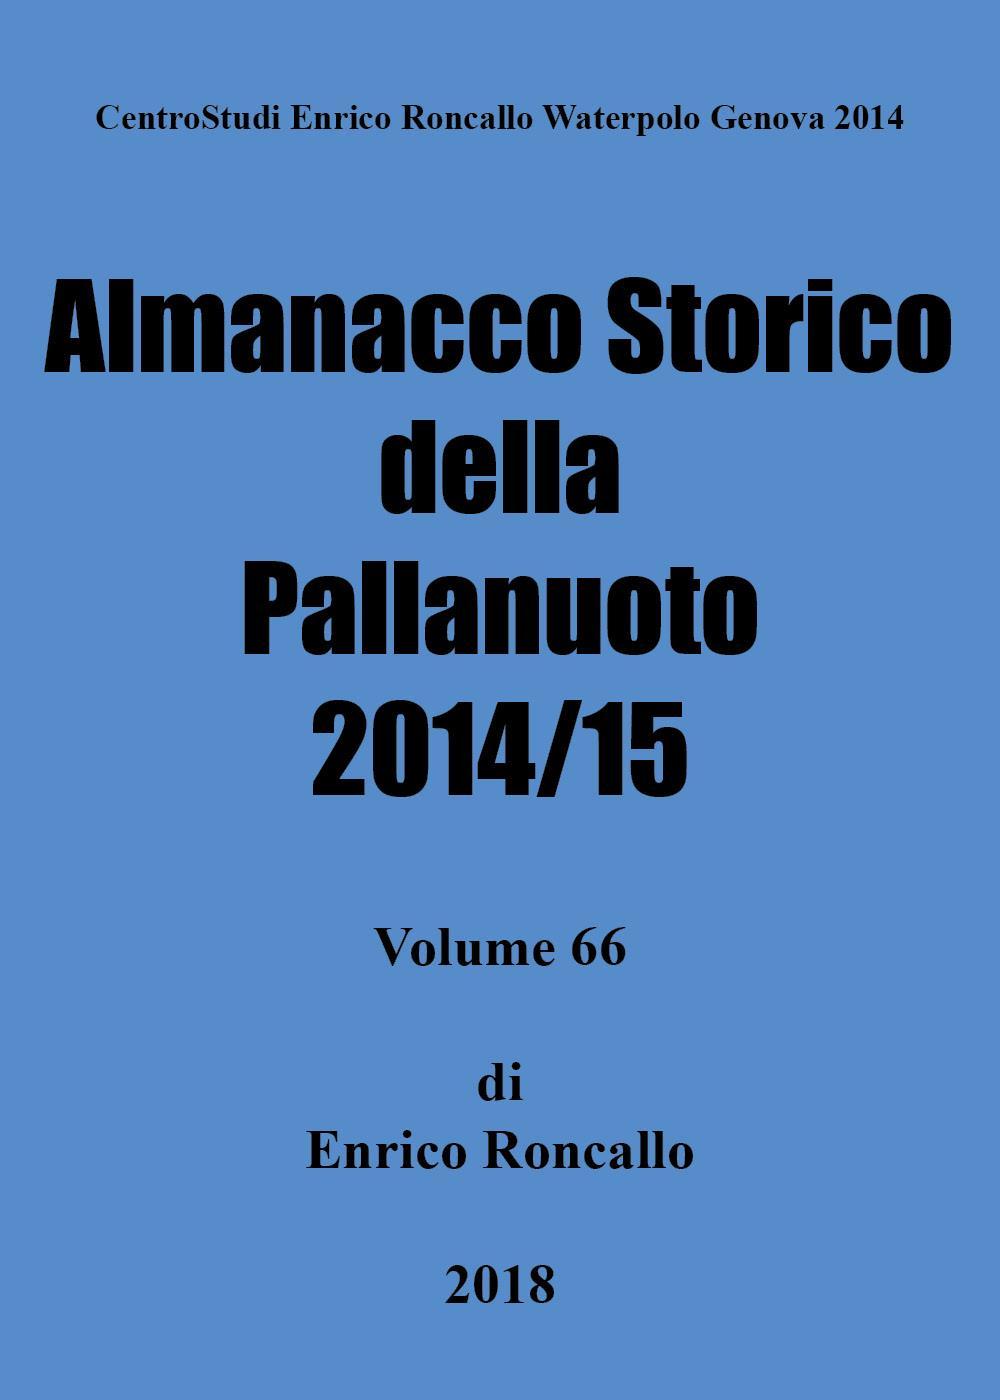 Almanacco Storico della Pallanuoto 2014/15